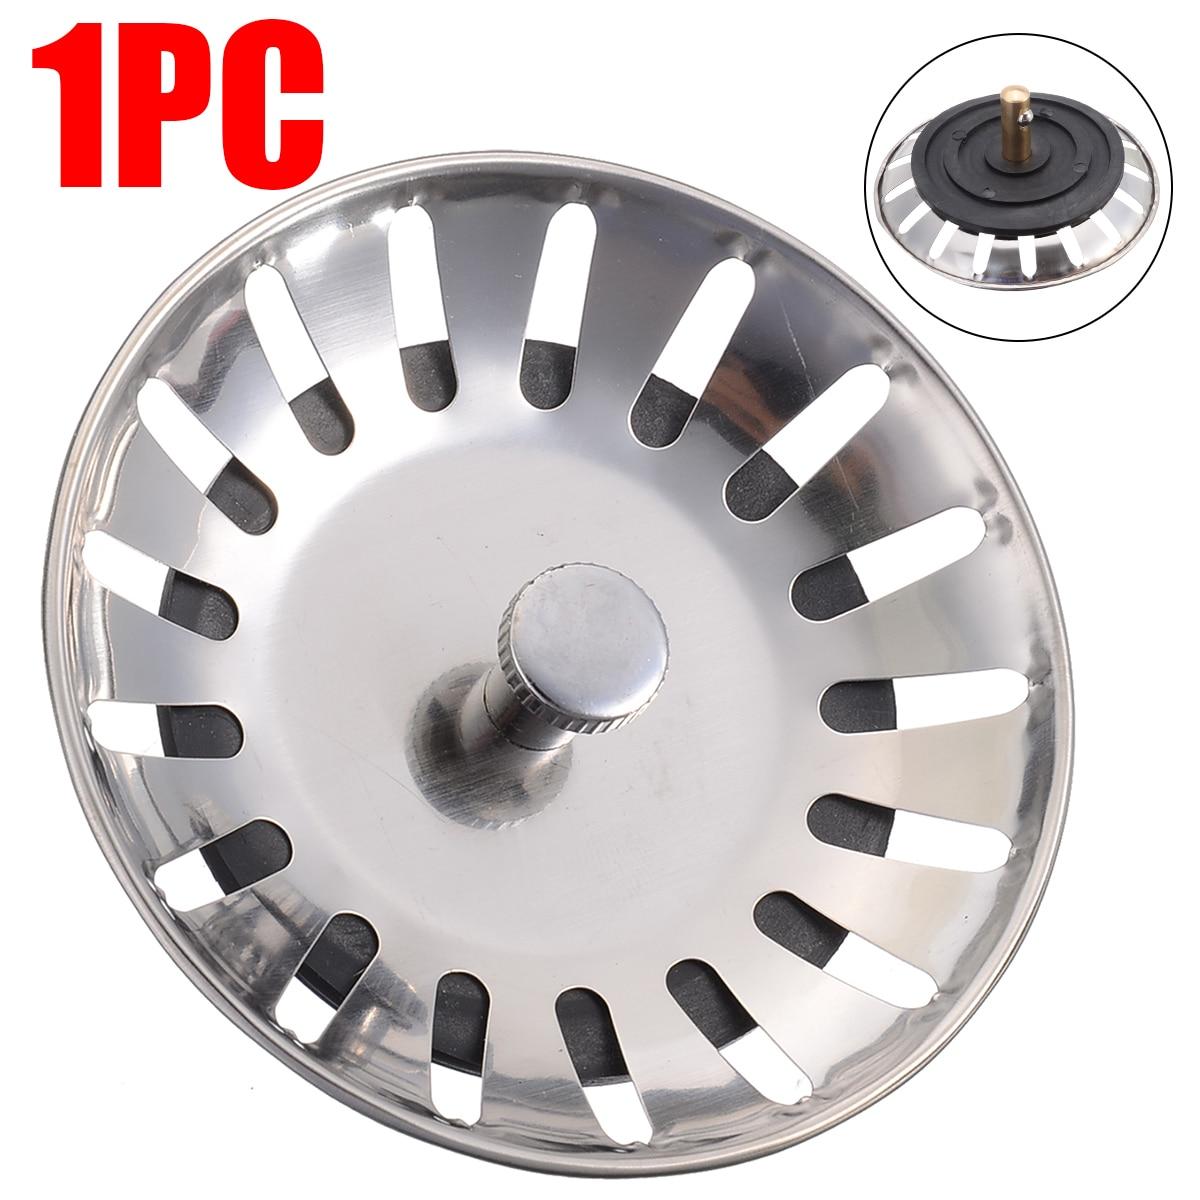 78mm Diameter Stainless Steel Kitchen Sink Strainer Stopper Waste Plug Sink Filter Bathroom Basin Sink Drain Kitchen Accessories